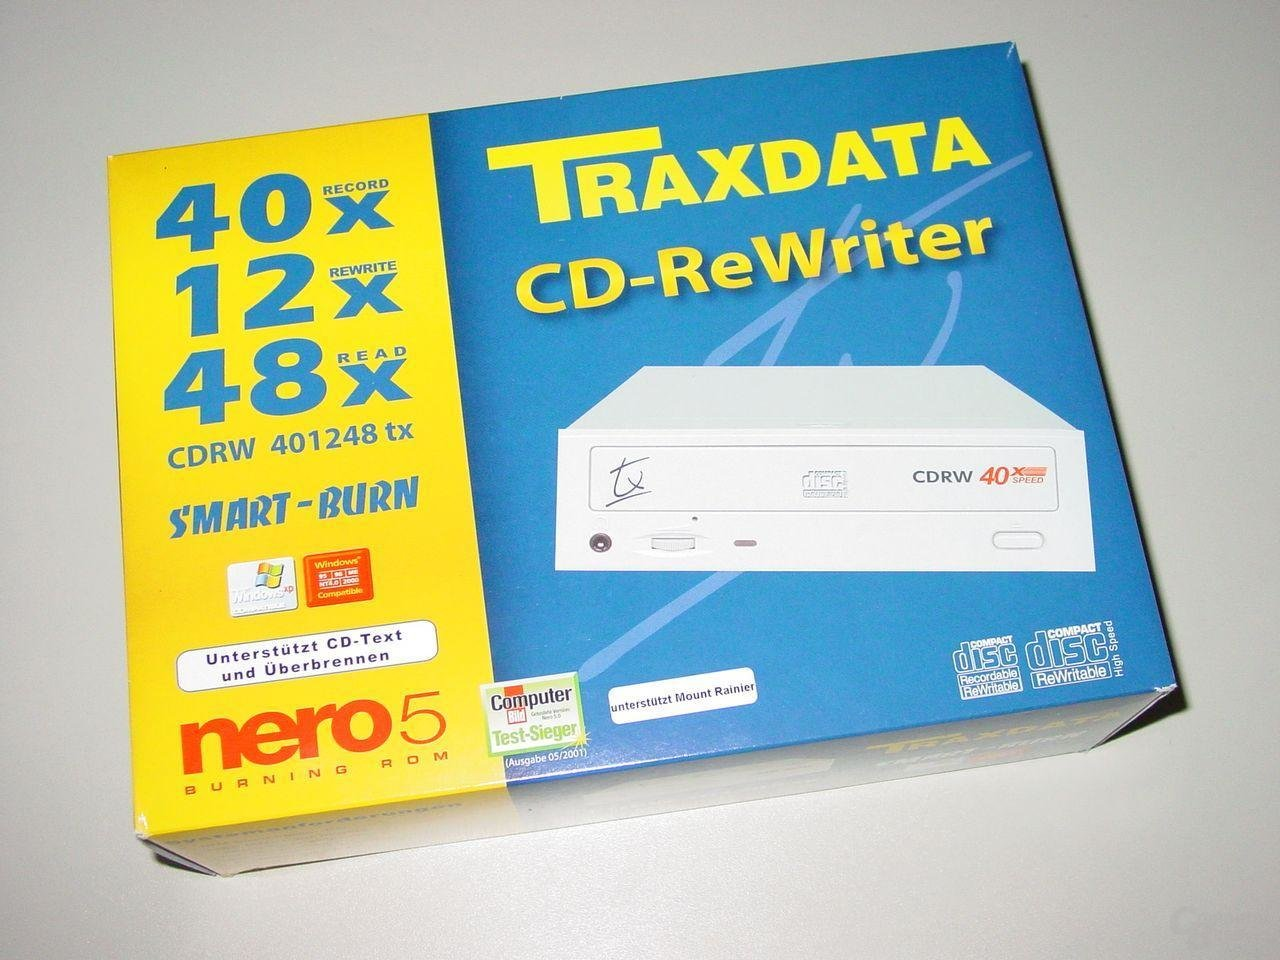 Verpackung CDRW 401248 tx